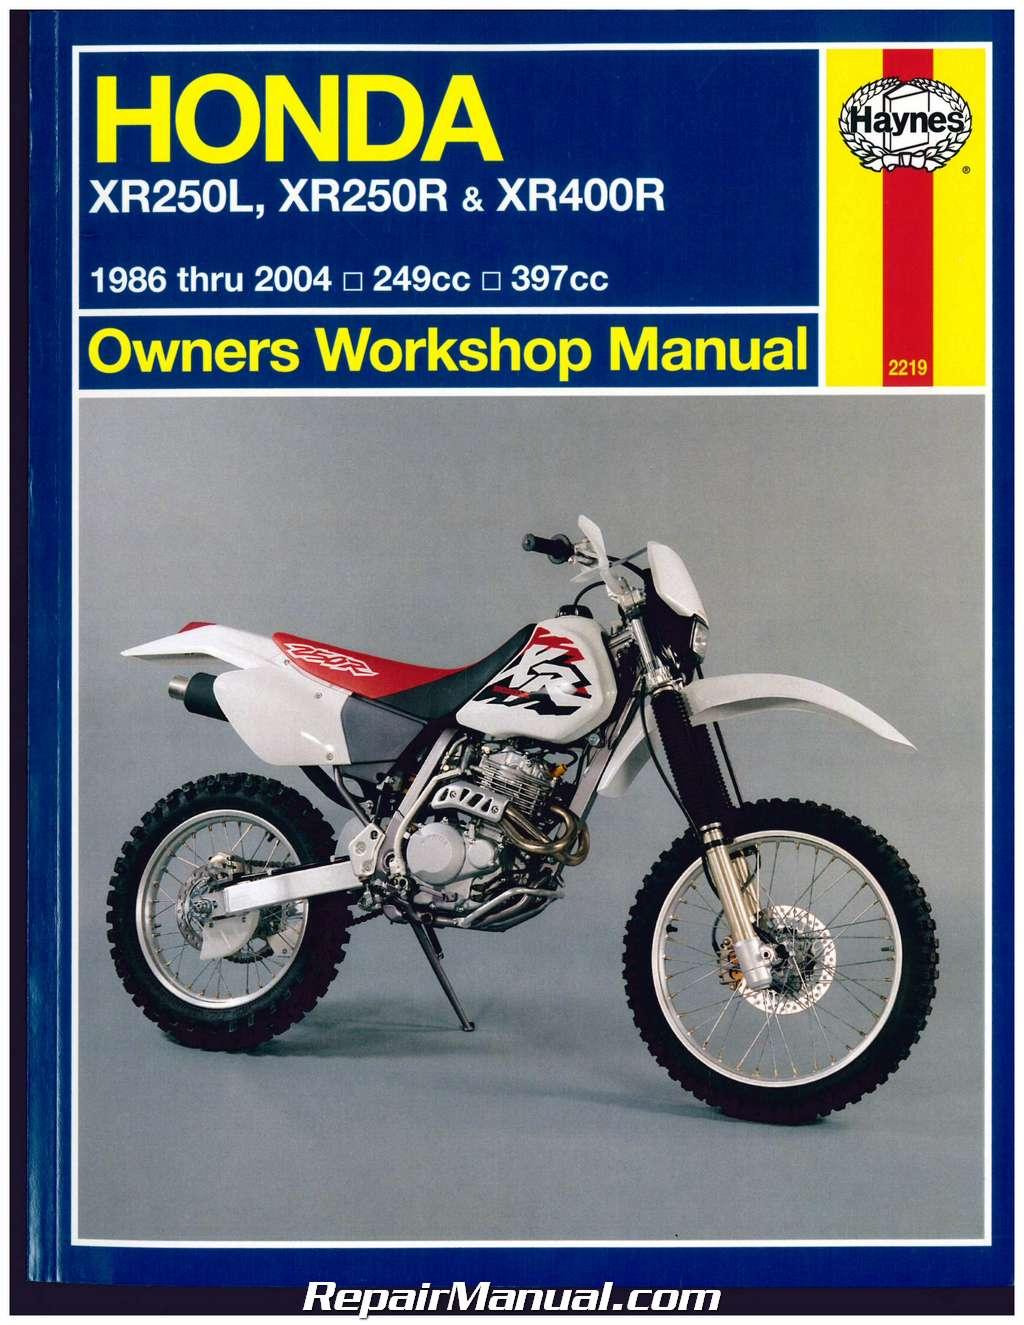 1986 honda xr250r manual pdf